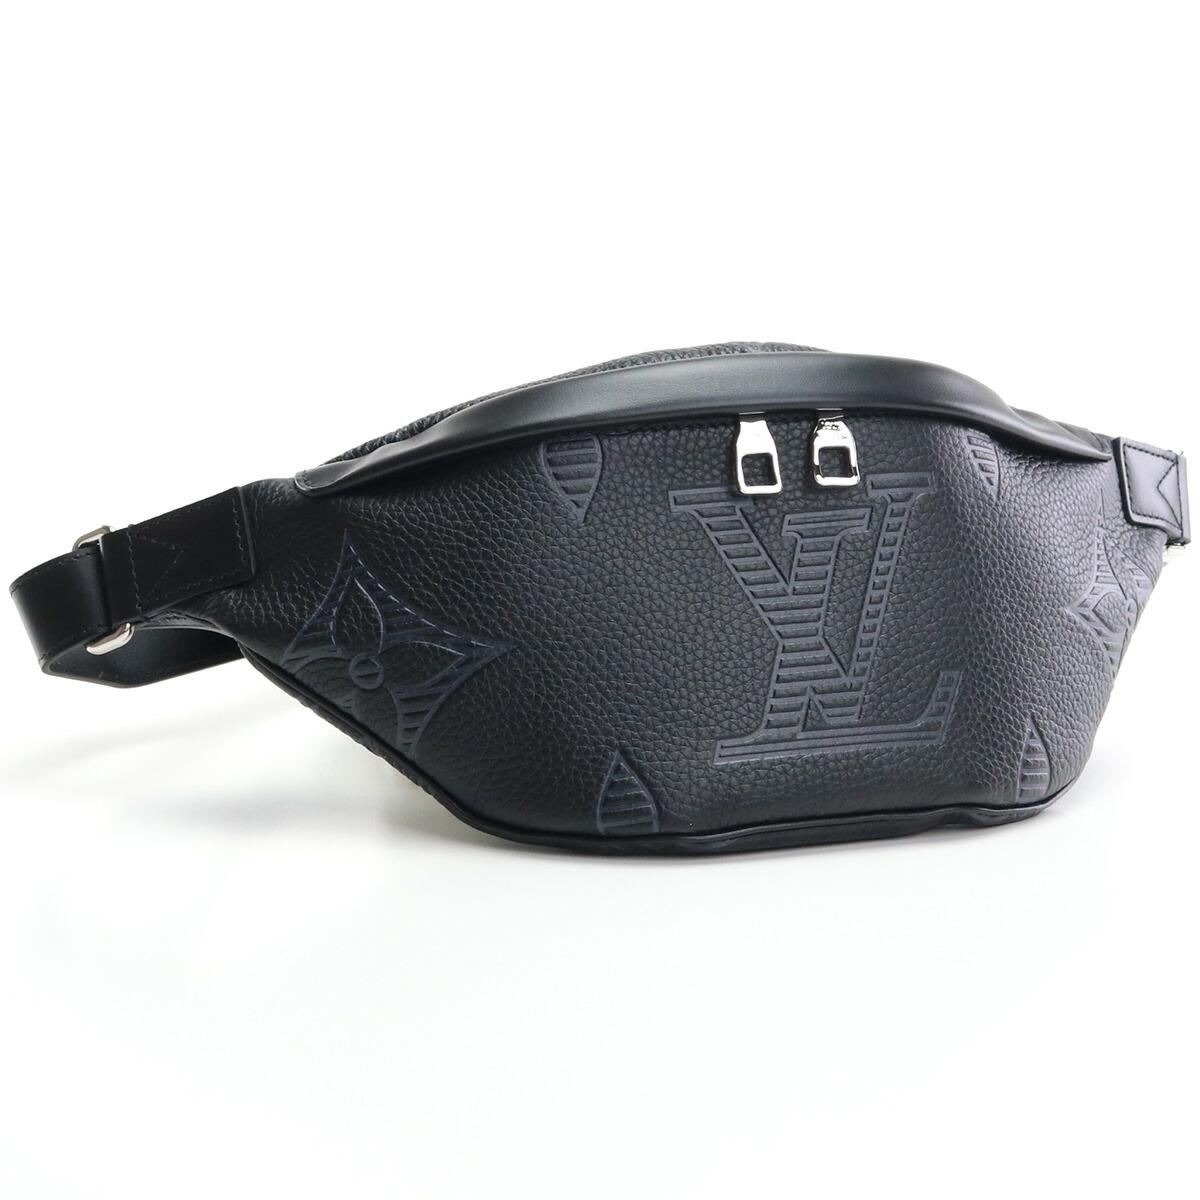 ルイ・ヴィトン LOUIS VUITTON トリヨン ボディバッグ M57289 トリヨン ディスカバリー・バムバッグ NM ブラック bos-45 bag-01